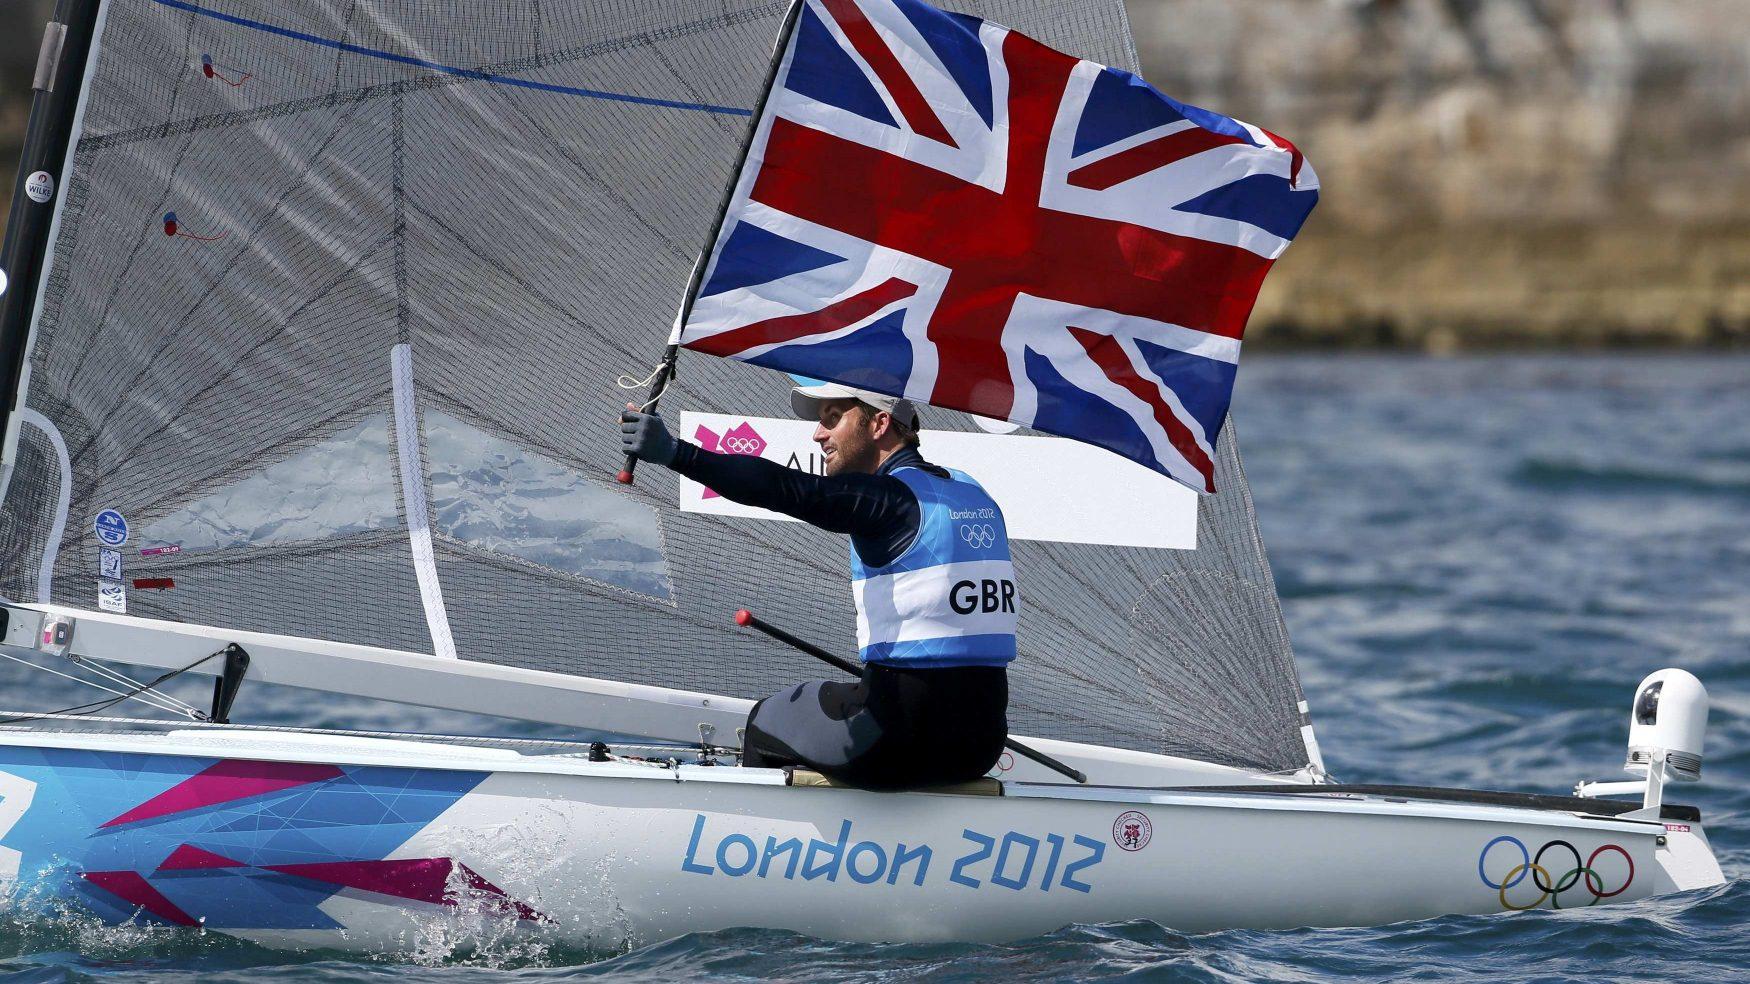 Britain's_Ben_Ainslie_celebrates_winning